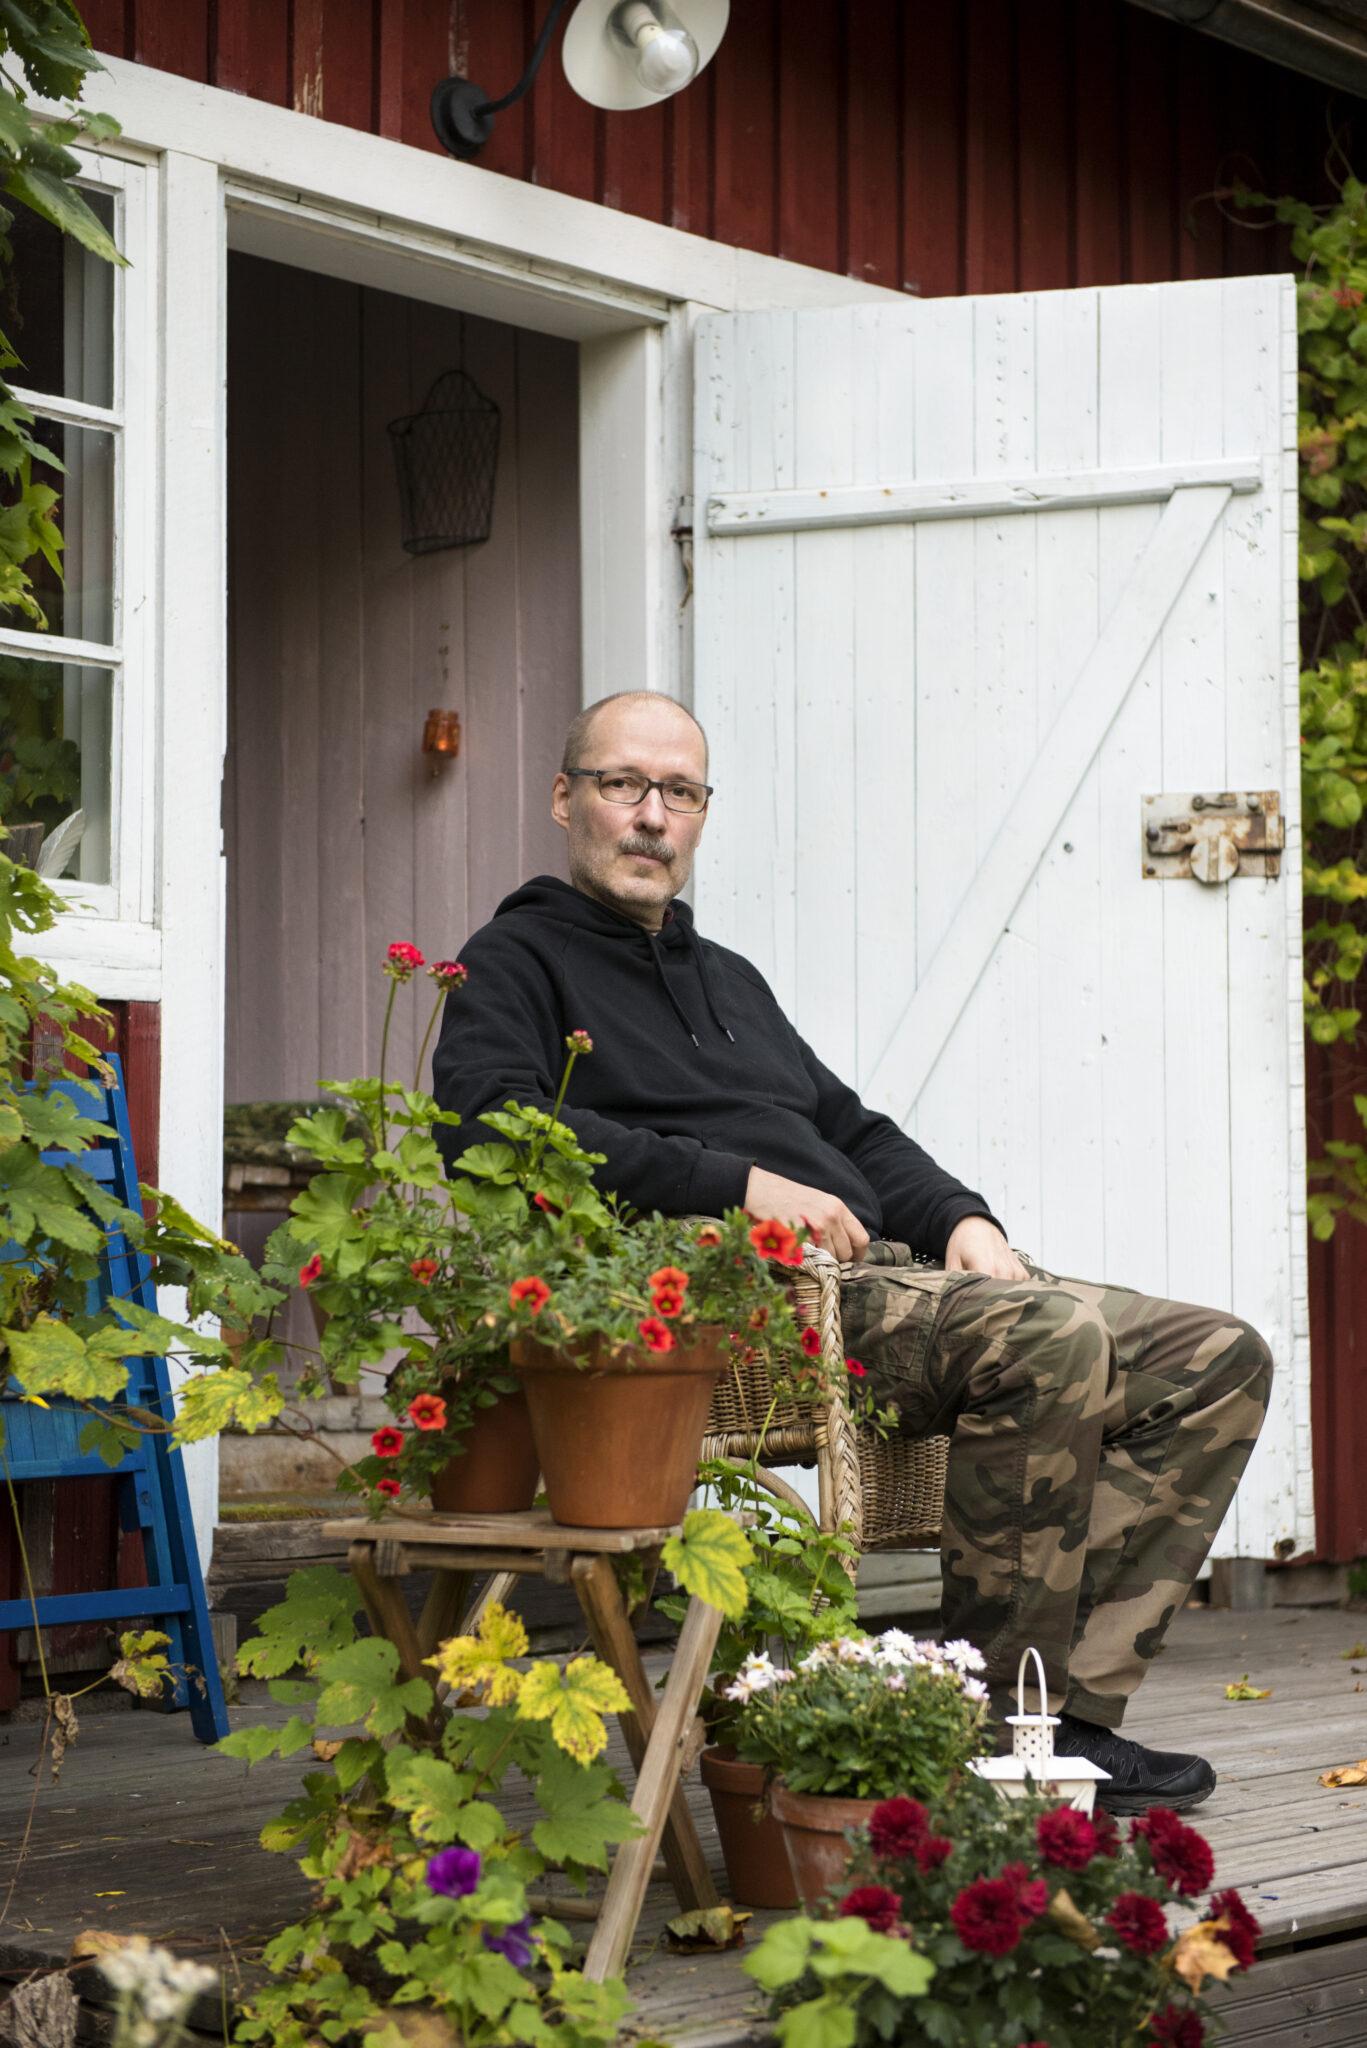 Kärkkäinen istumassa kuistilla maastohousut jalassa päällä huppari. Etualalla kukkia.